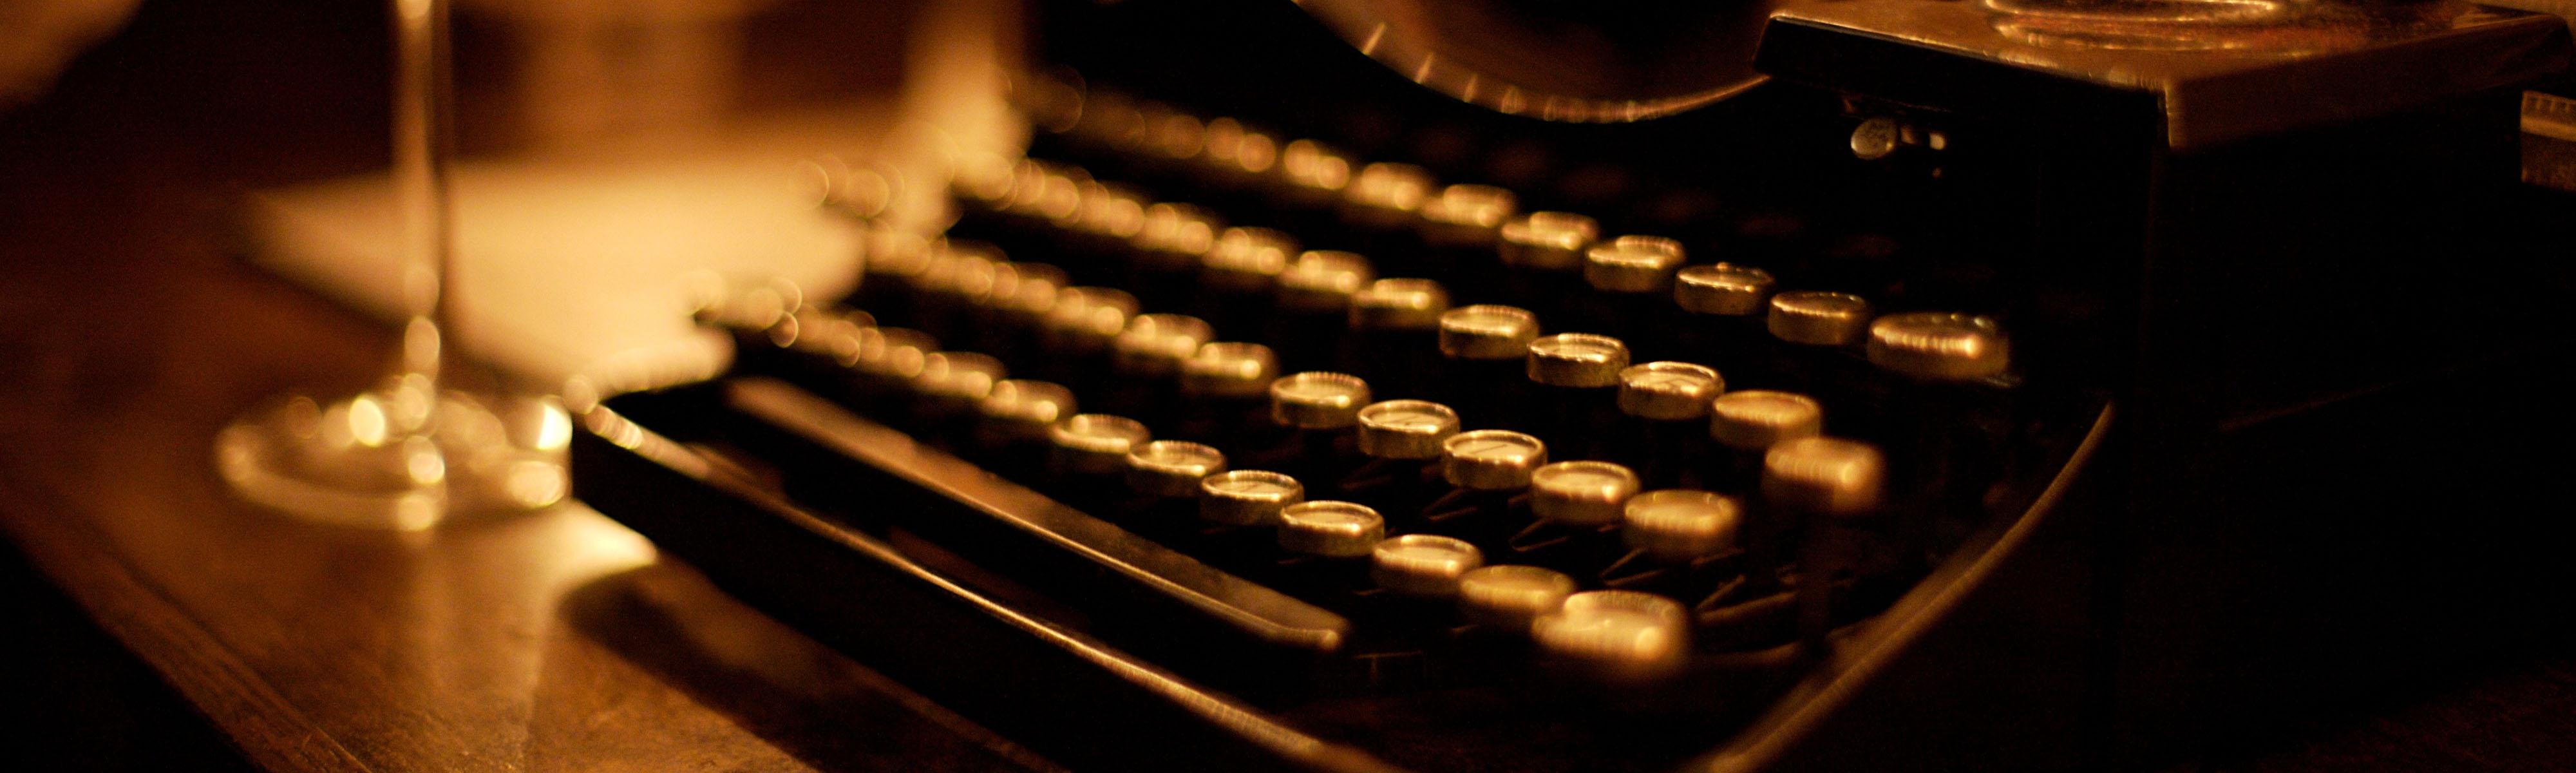 Slider Textarbeiten Schreibmaschine